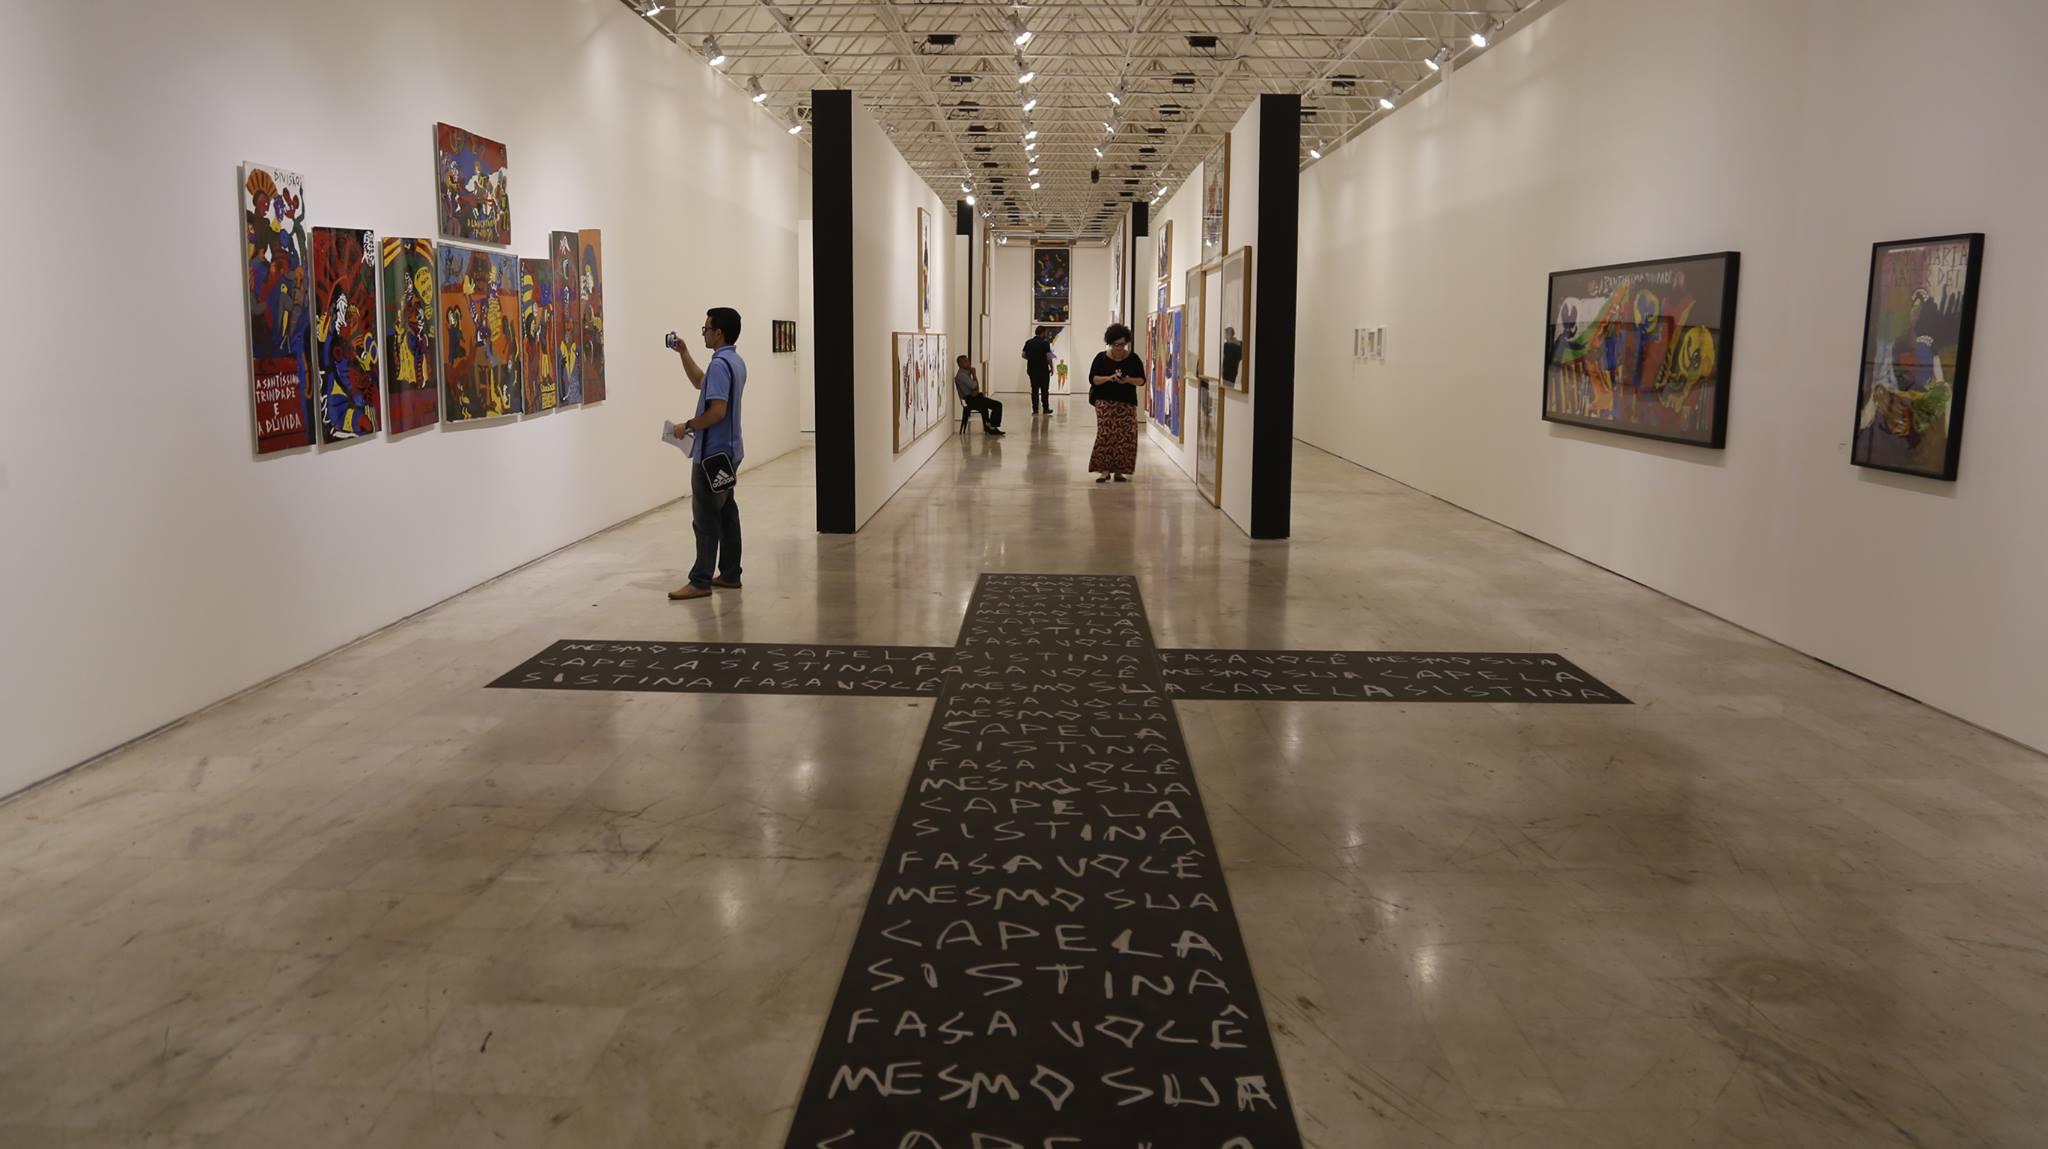 Caetano Veloso visita exposição criticada e defende liberdade artística